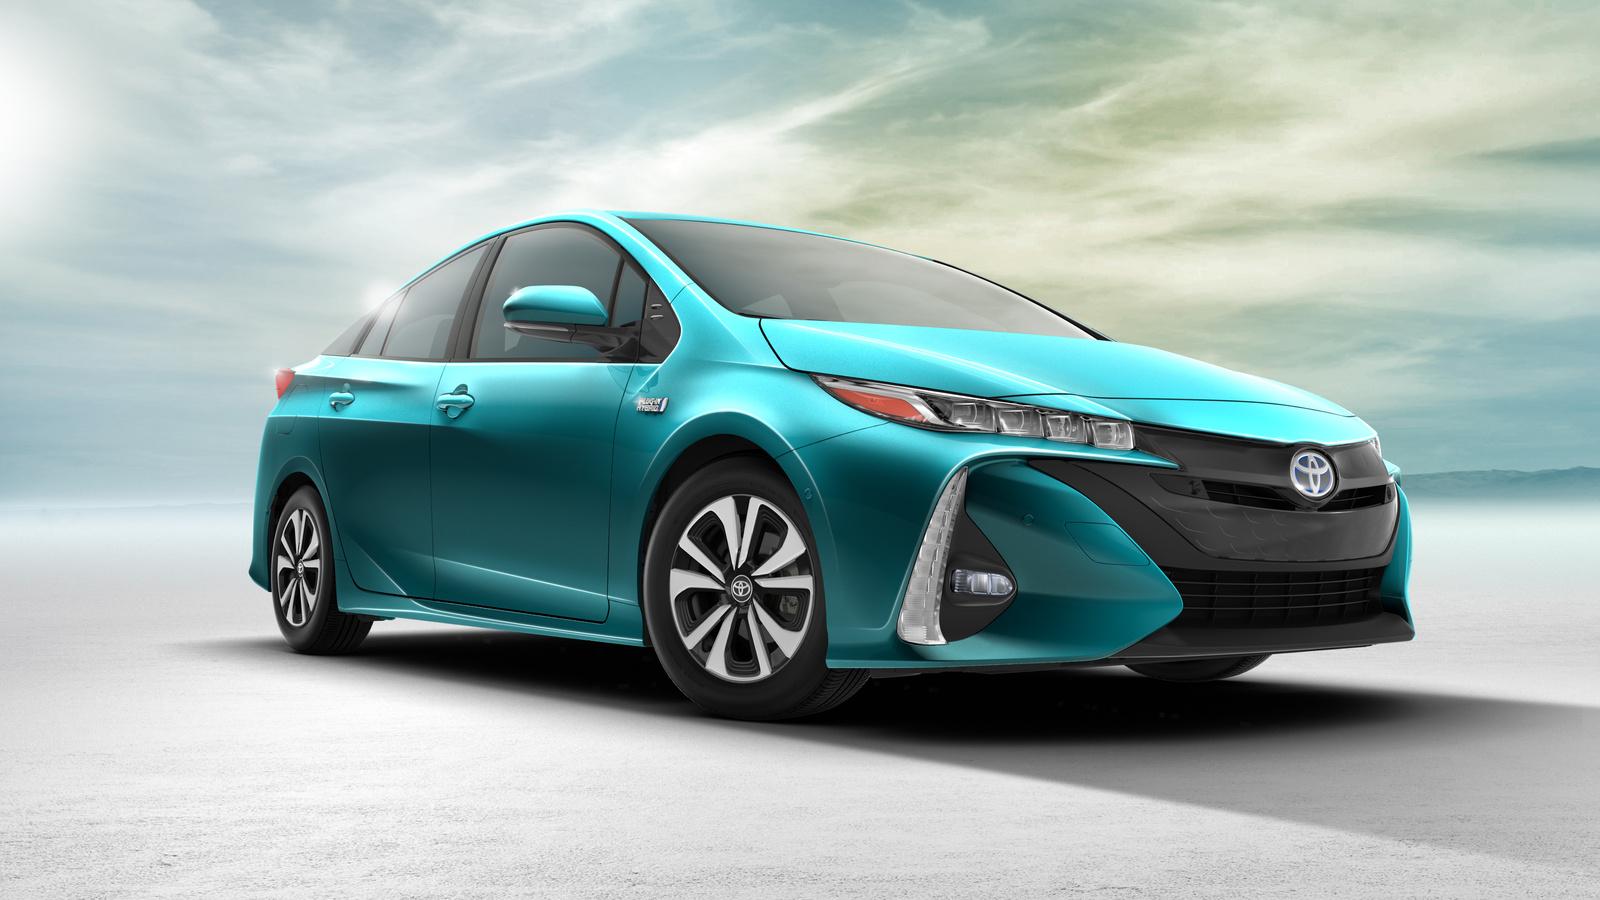 2017 Toyota Prius Prime front-quarter view